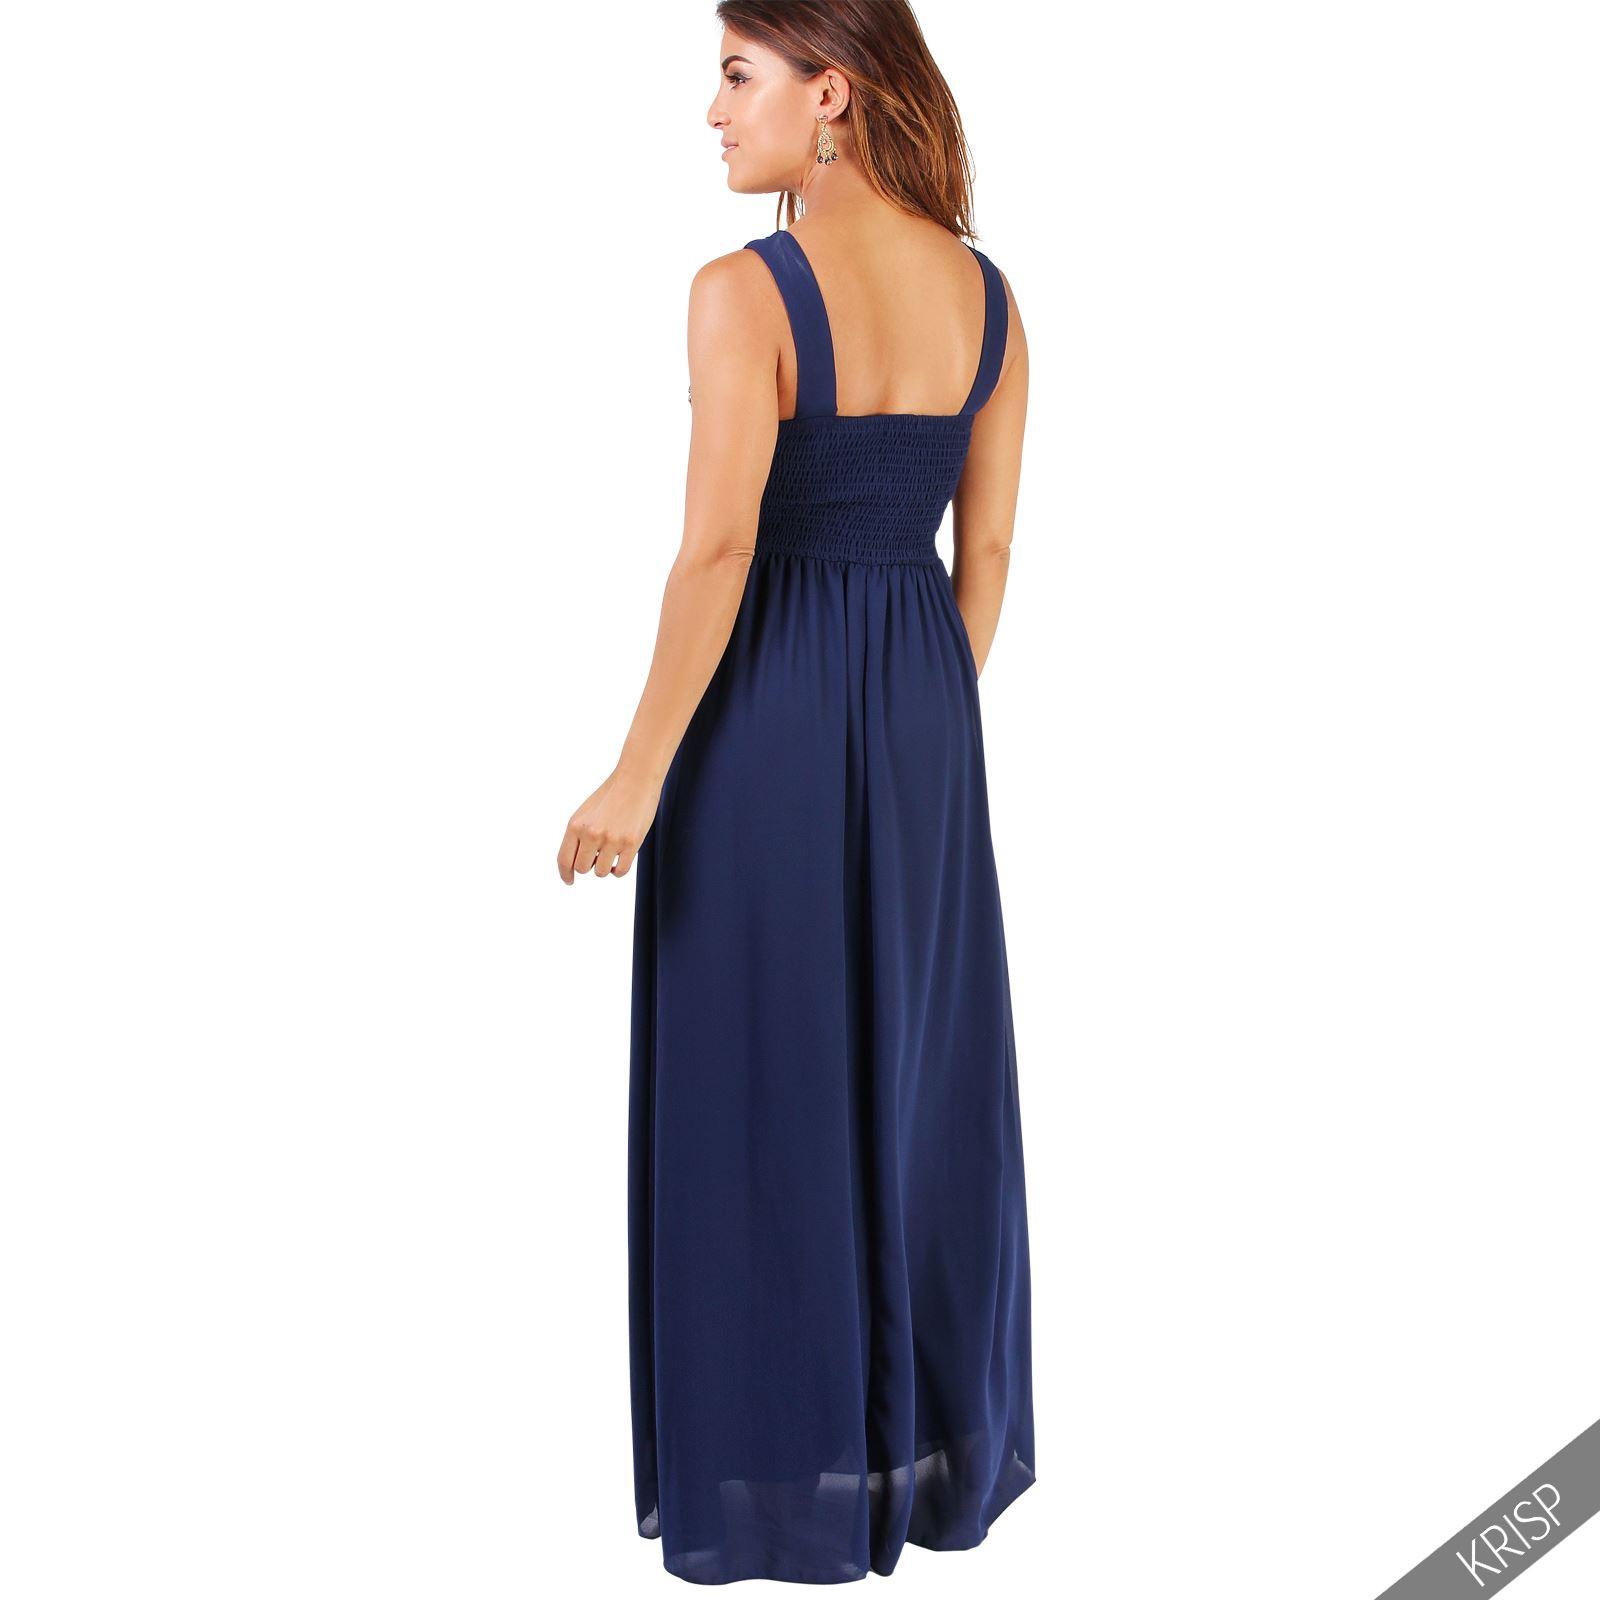 Damen Kleider Mit Strass Ballkleid Cocktailkleid Maxikleid